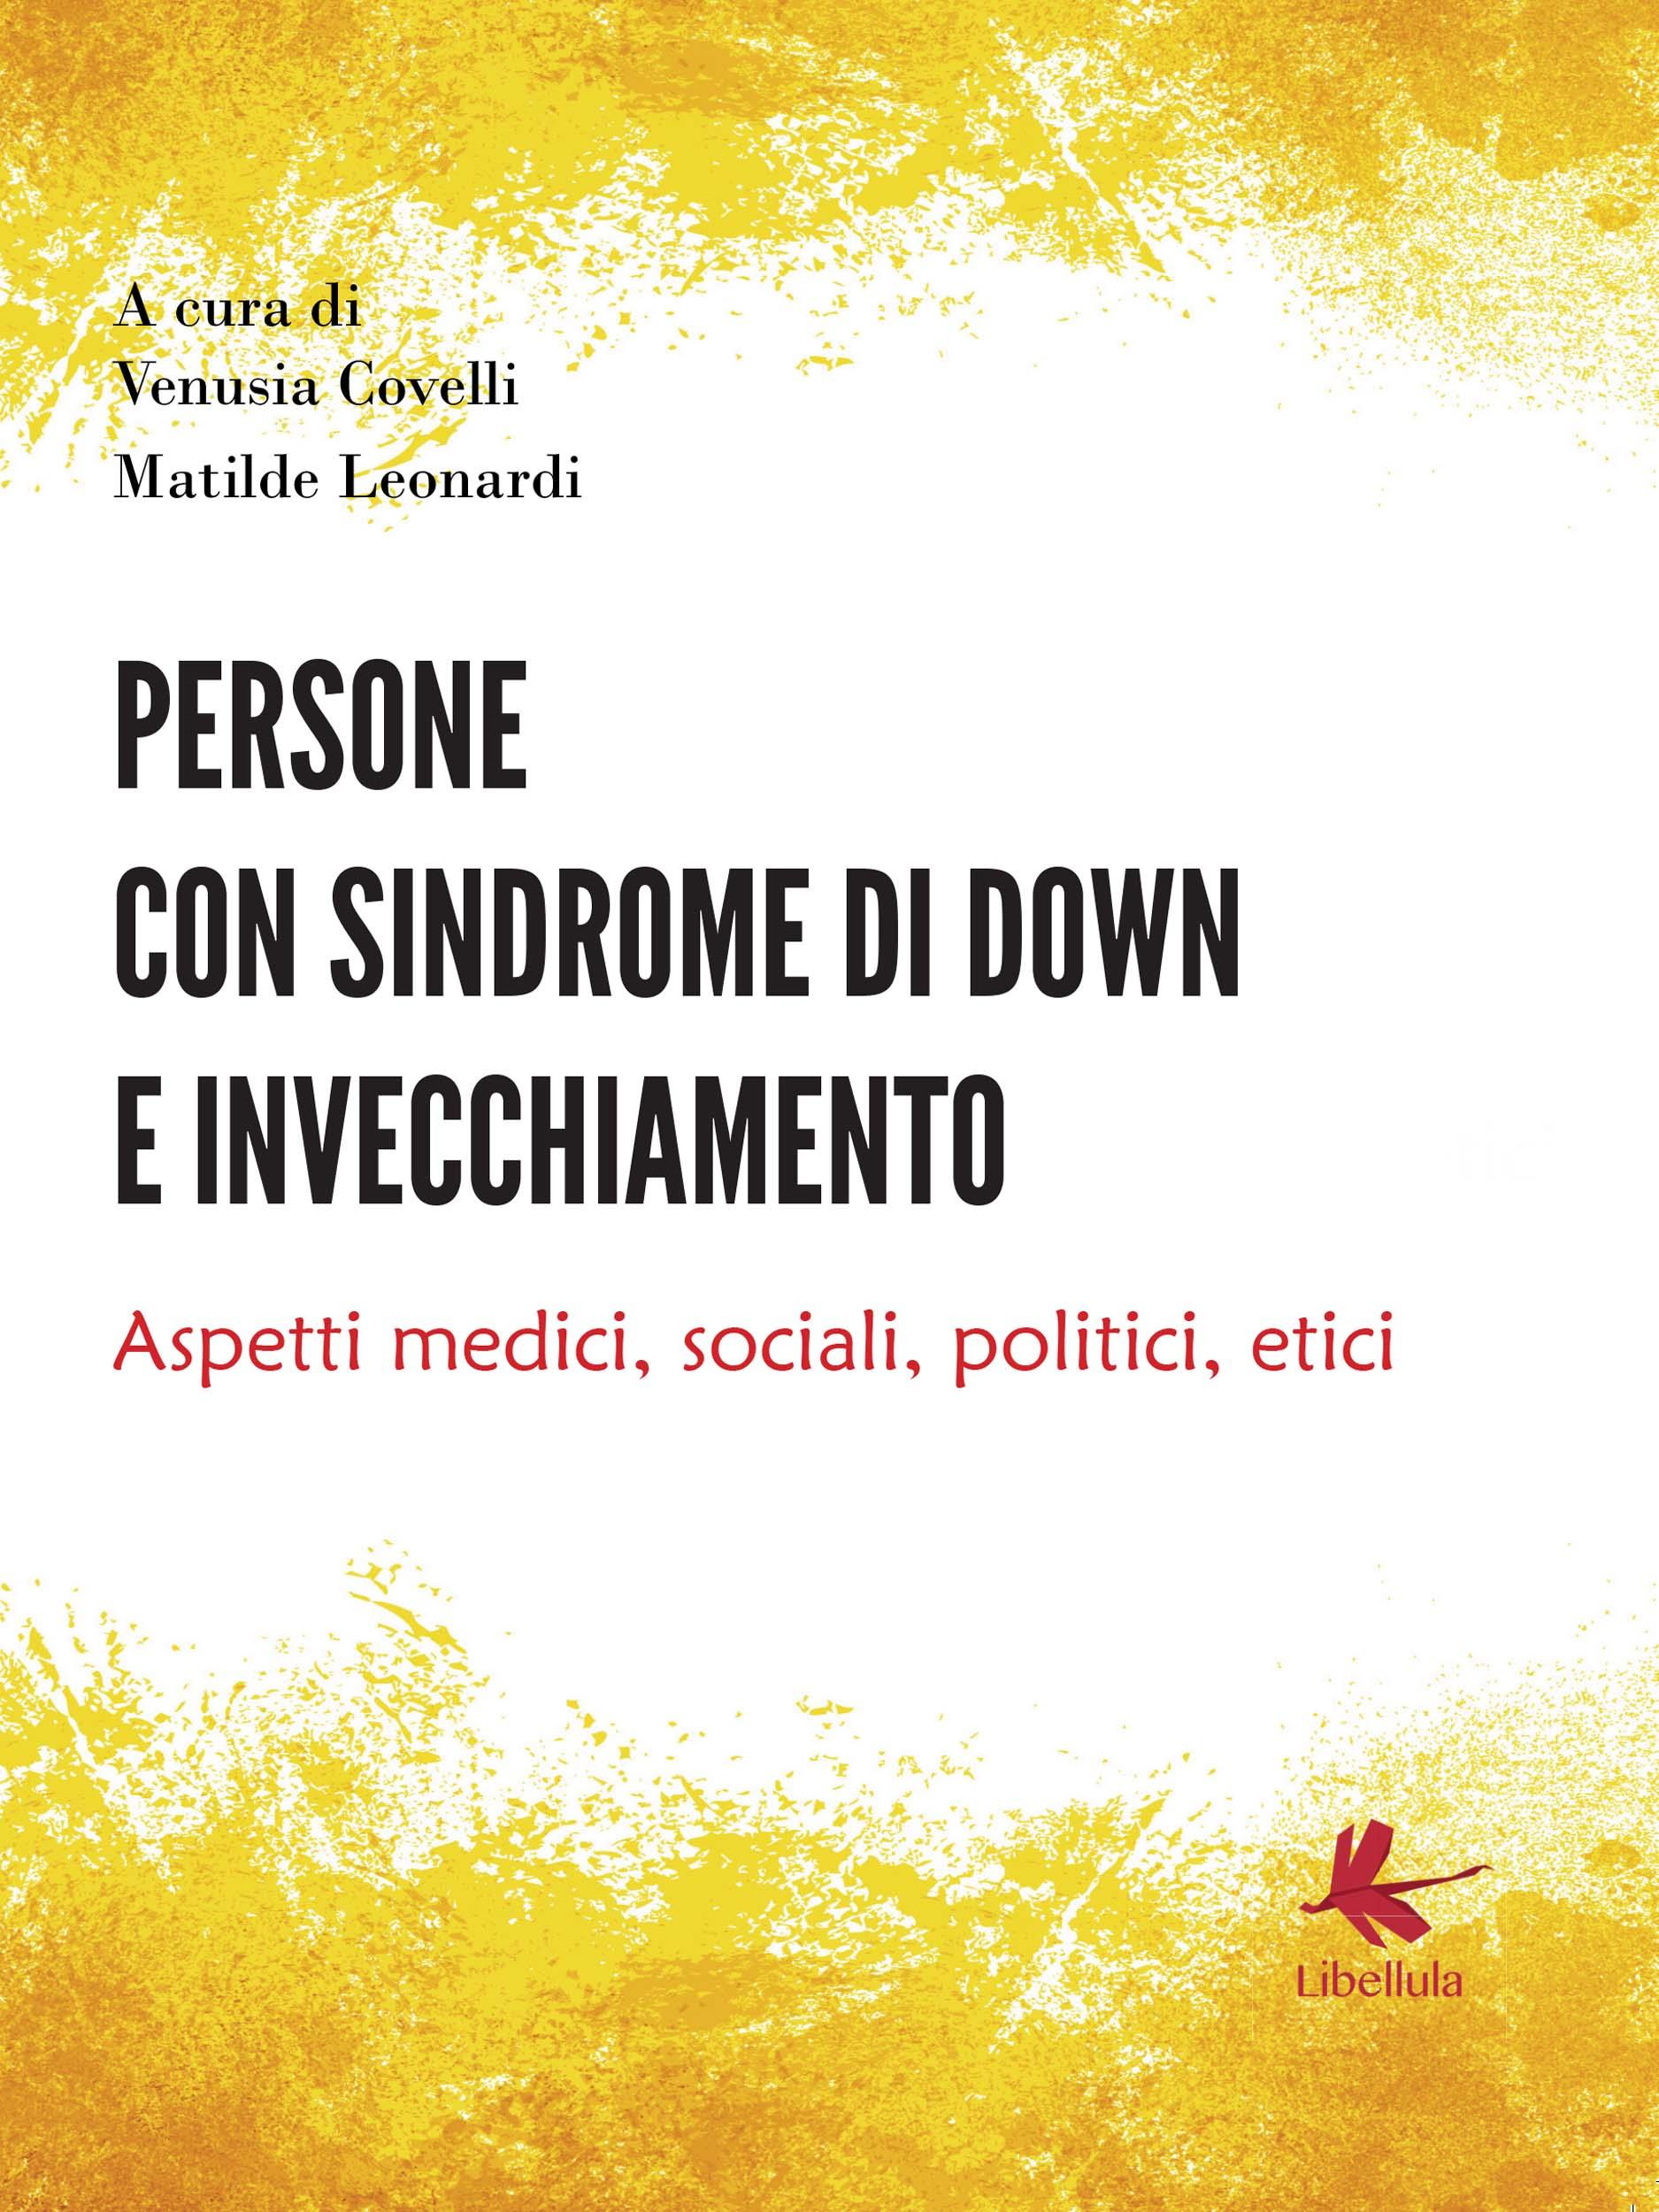 Persone con sindrome di down e invecchiamento:  Aspetti medici, sociali, politici, etici